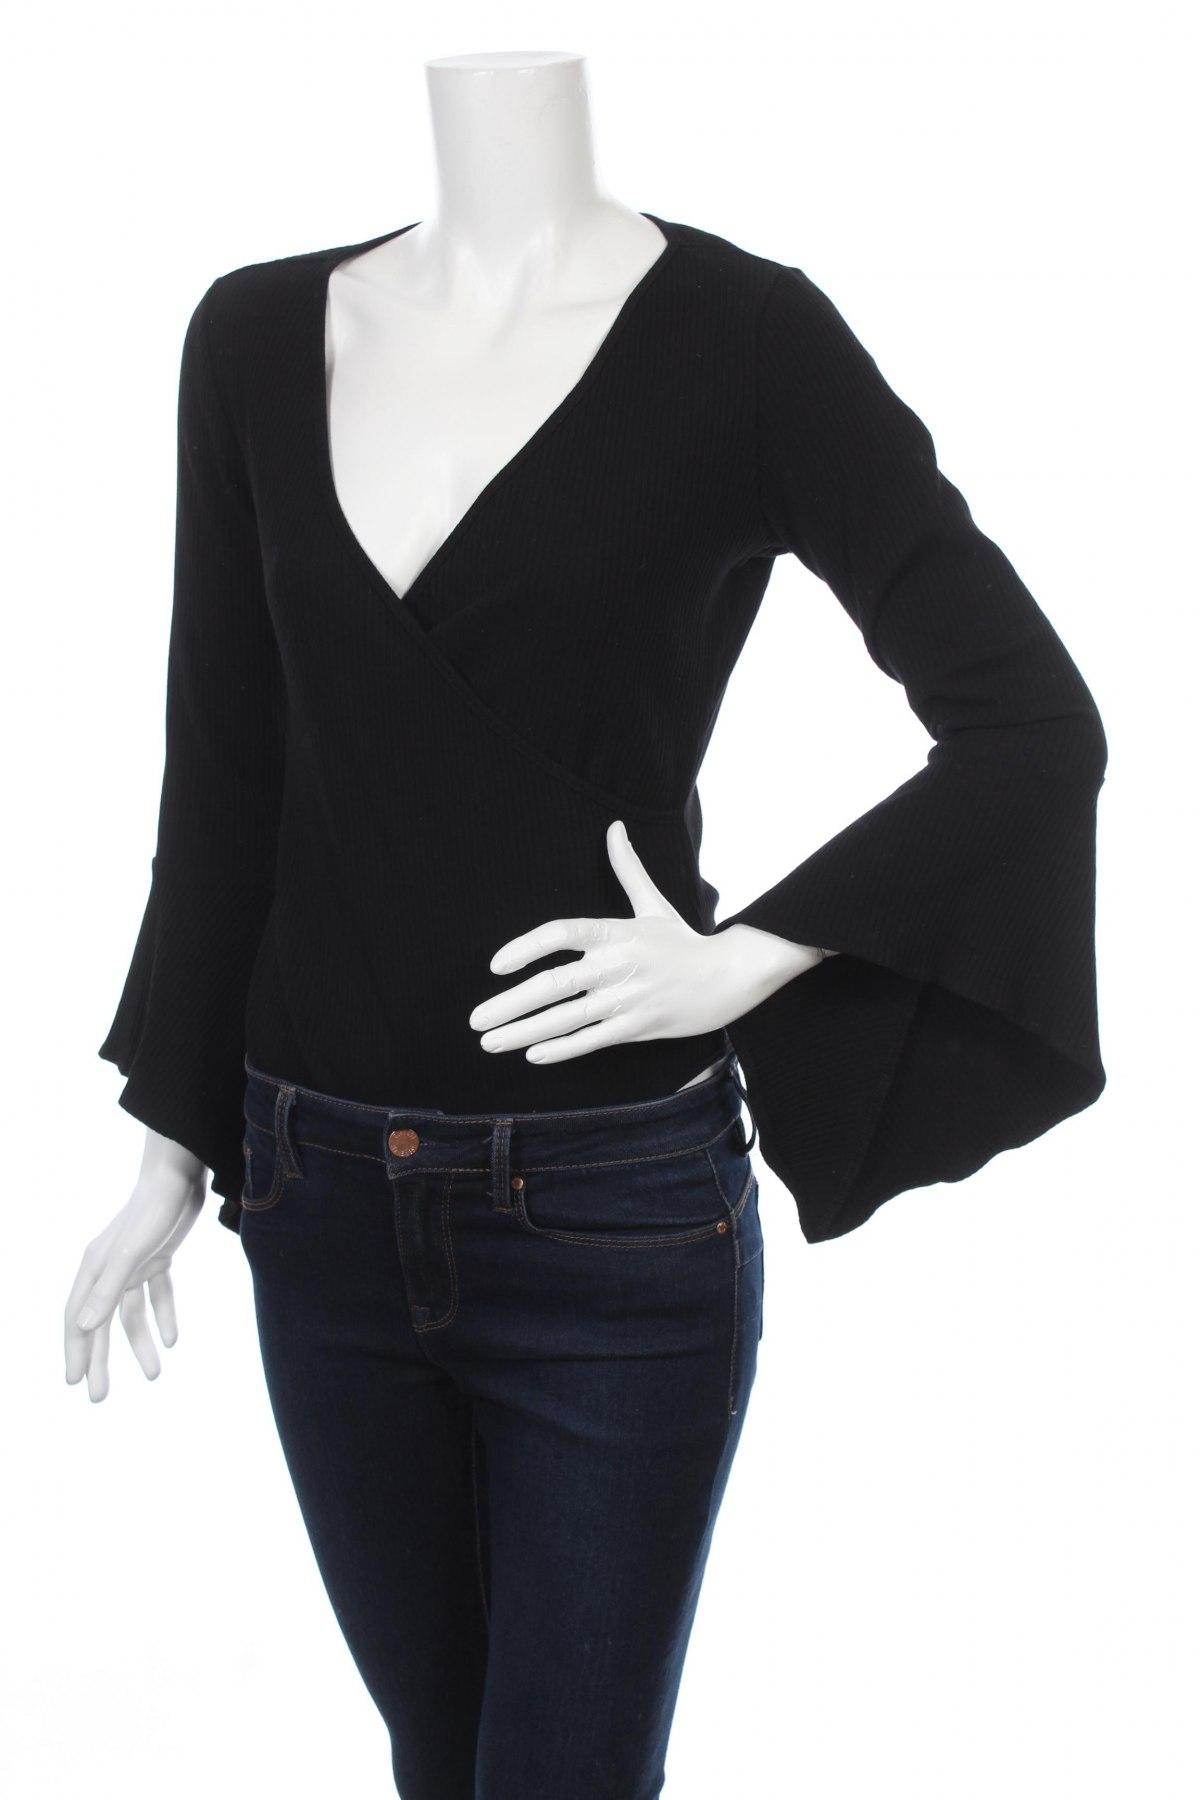 568b6421f201 Γυναικεία μπλούζα-Κορμάκι Glamorous - σε συμφέρουσα τιμή στο Remix ...